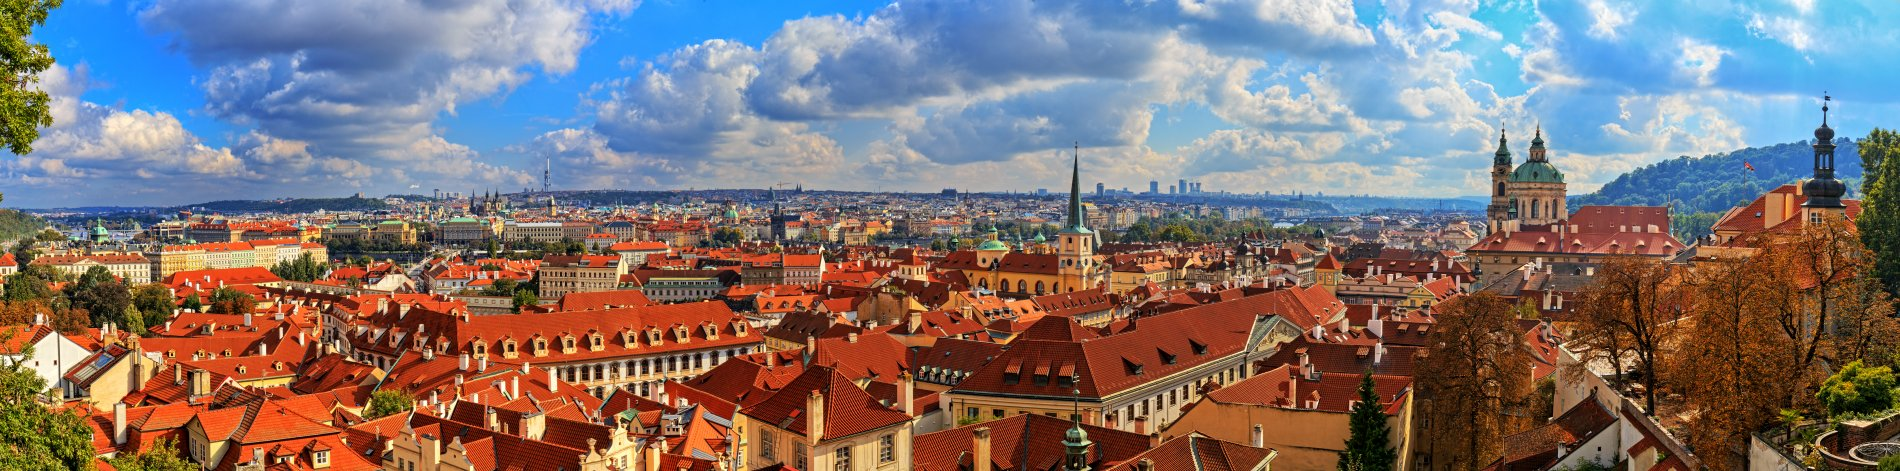 Prag Komplett Tour